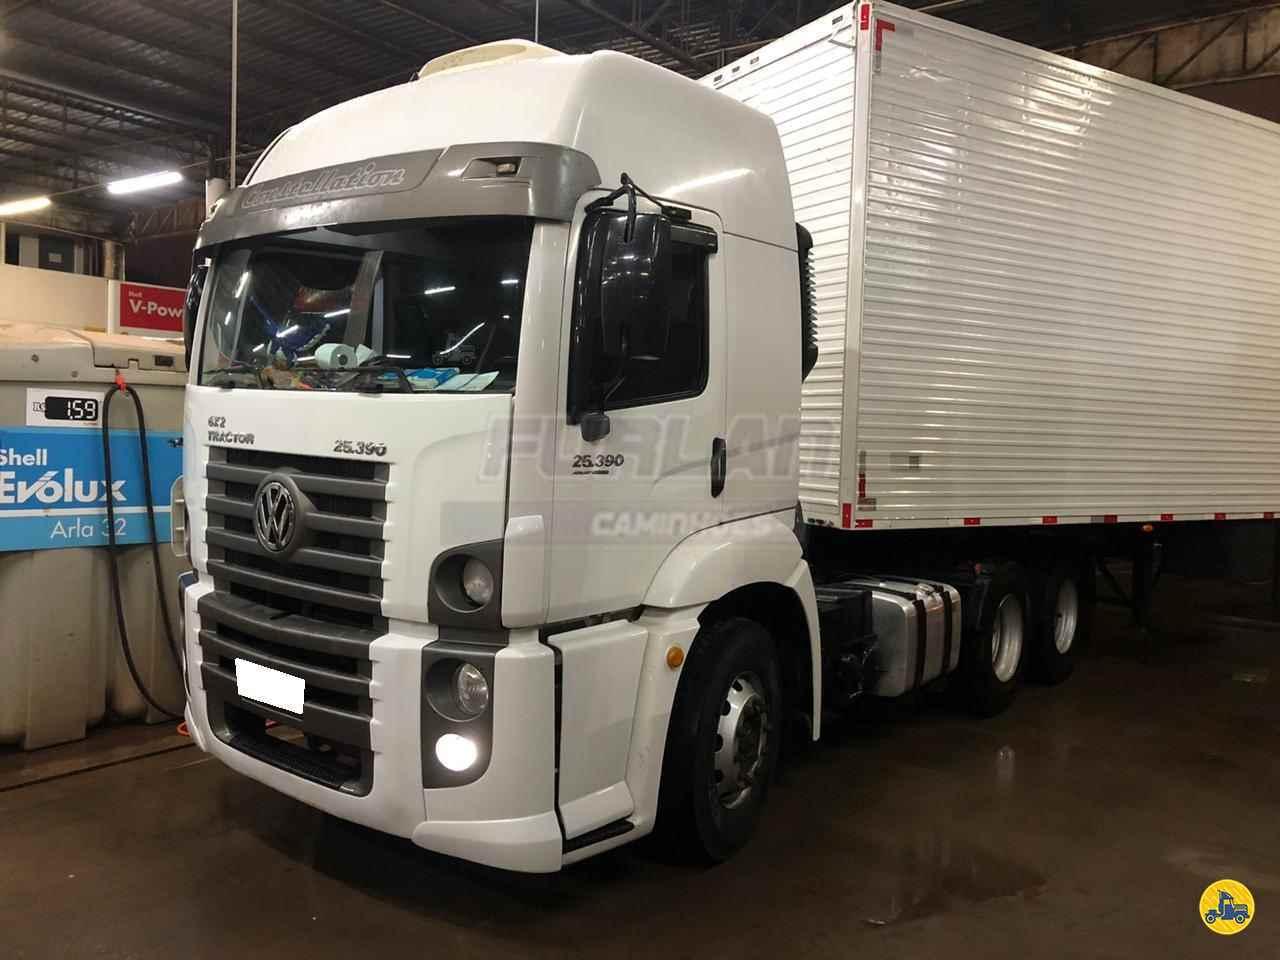 CAMINHAO VOLKSWAGEN VW 25390 Cavalo Mecânico Truck 6x2 Furlan Caminhões UMUARAMA PARANÁ PR